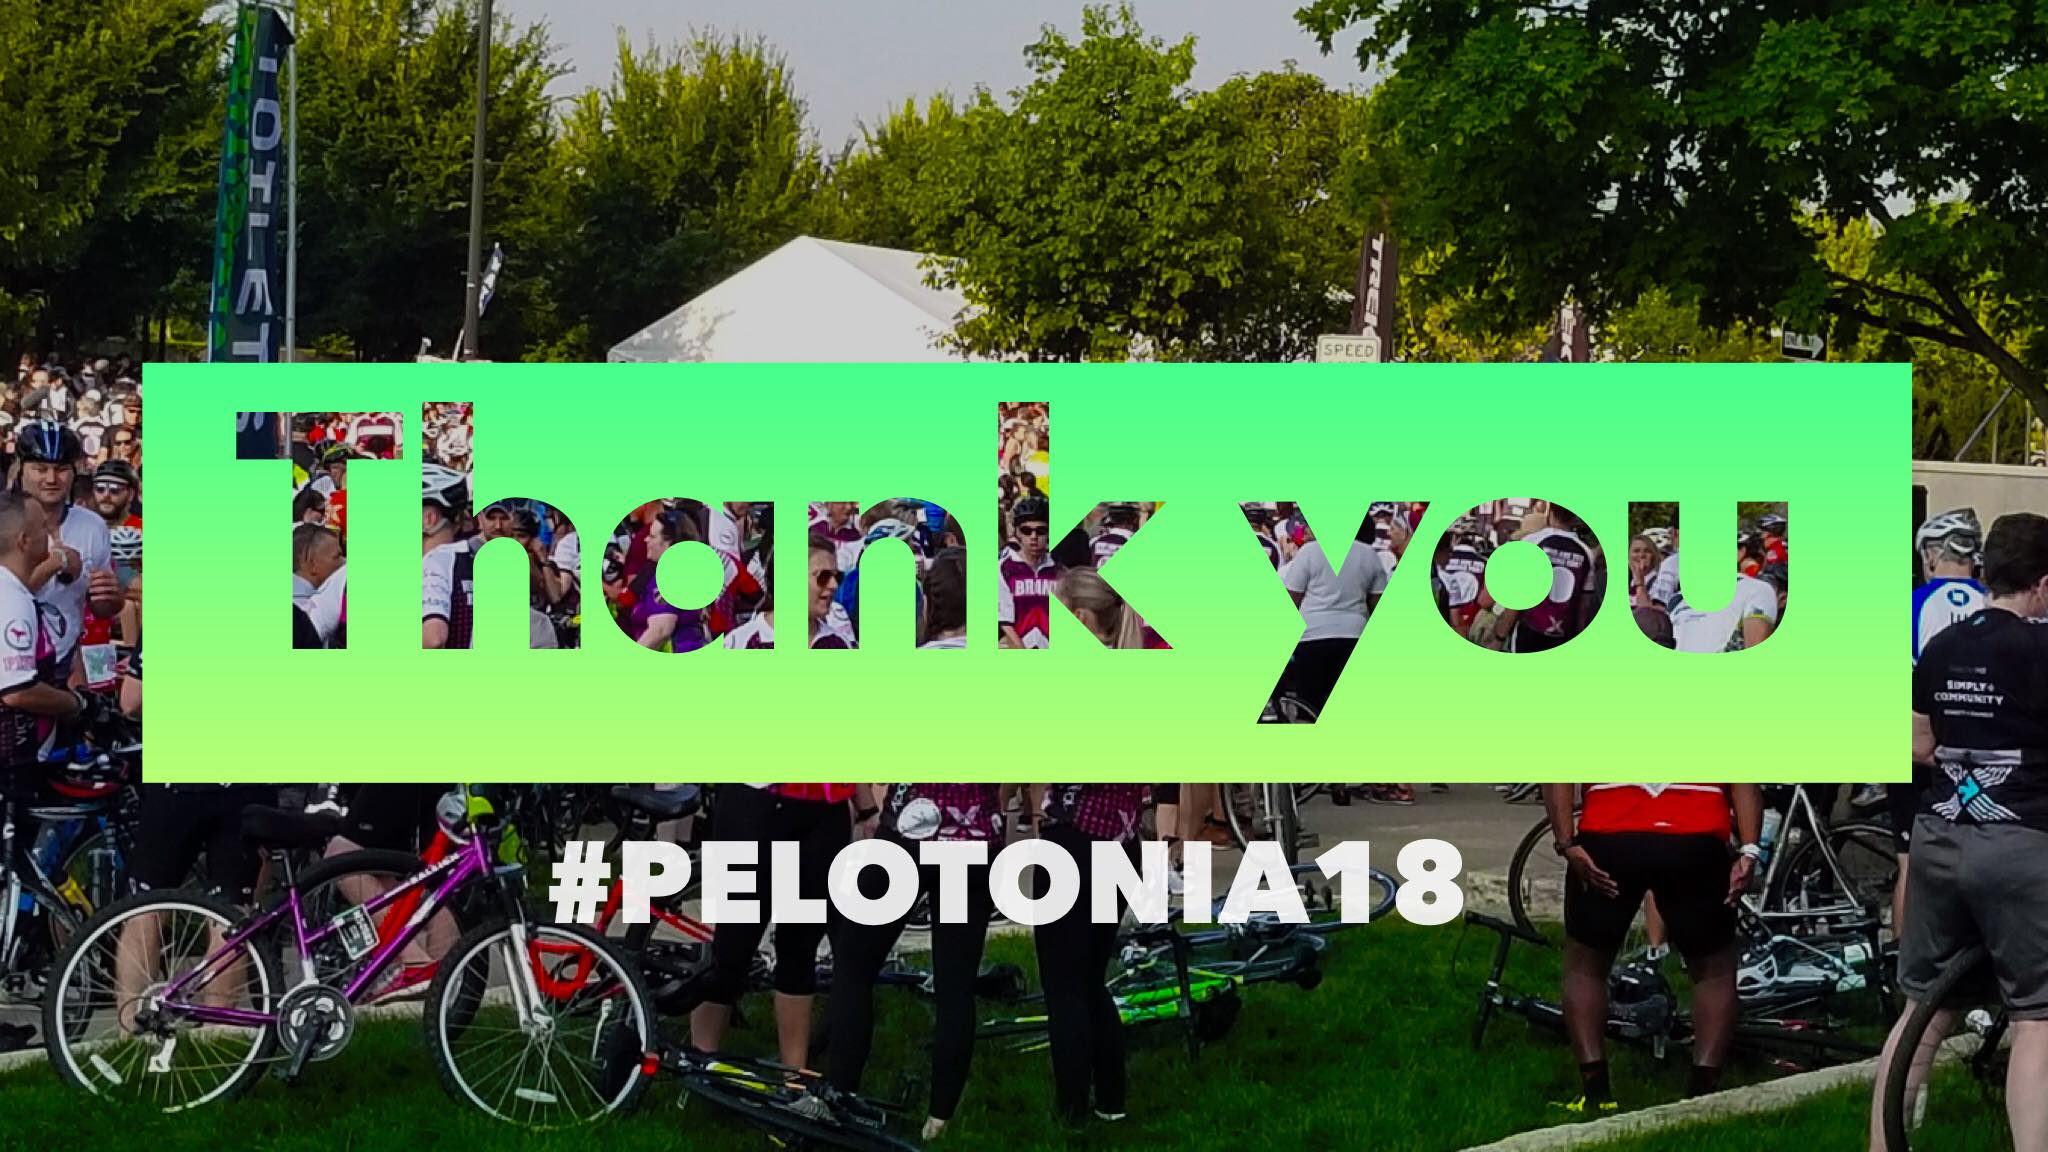 Thank you #pelotonia18